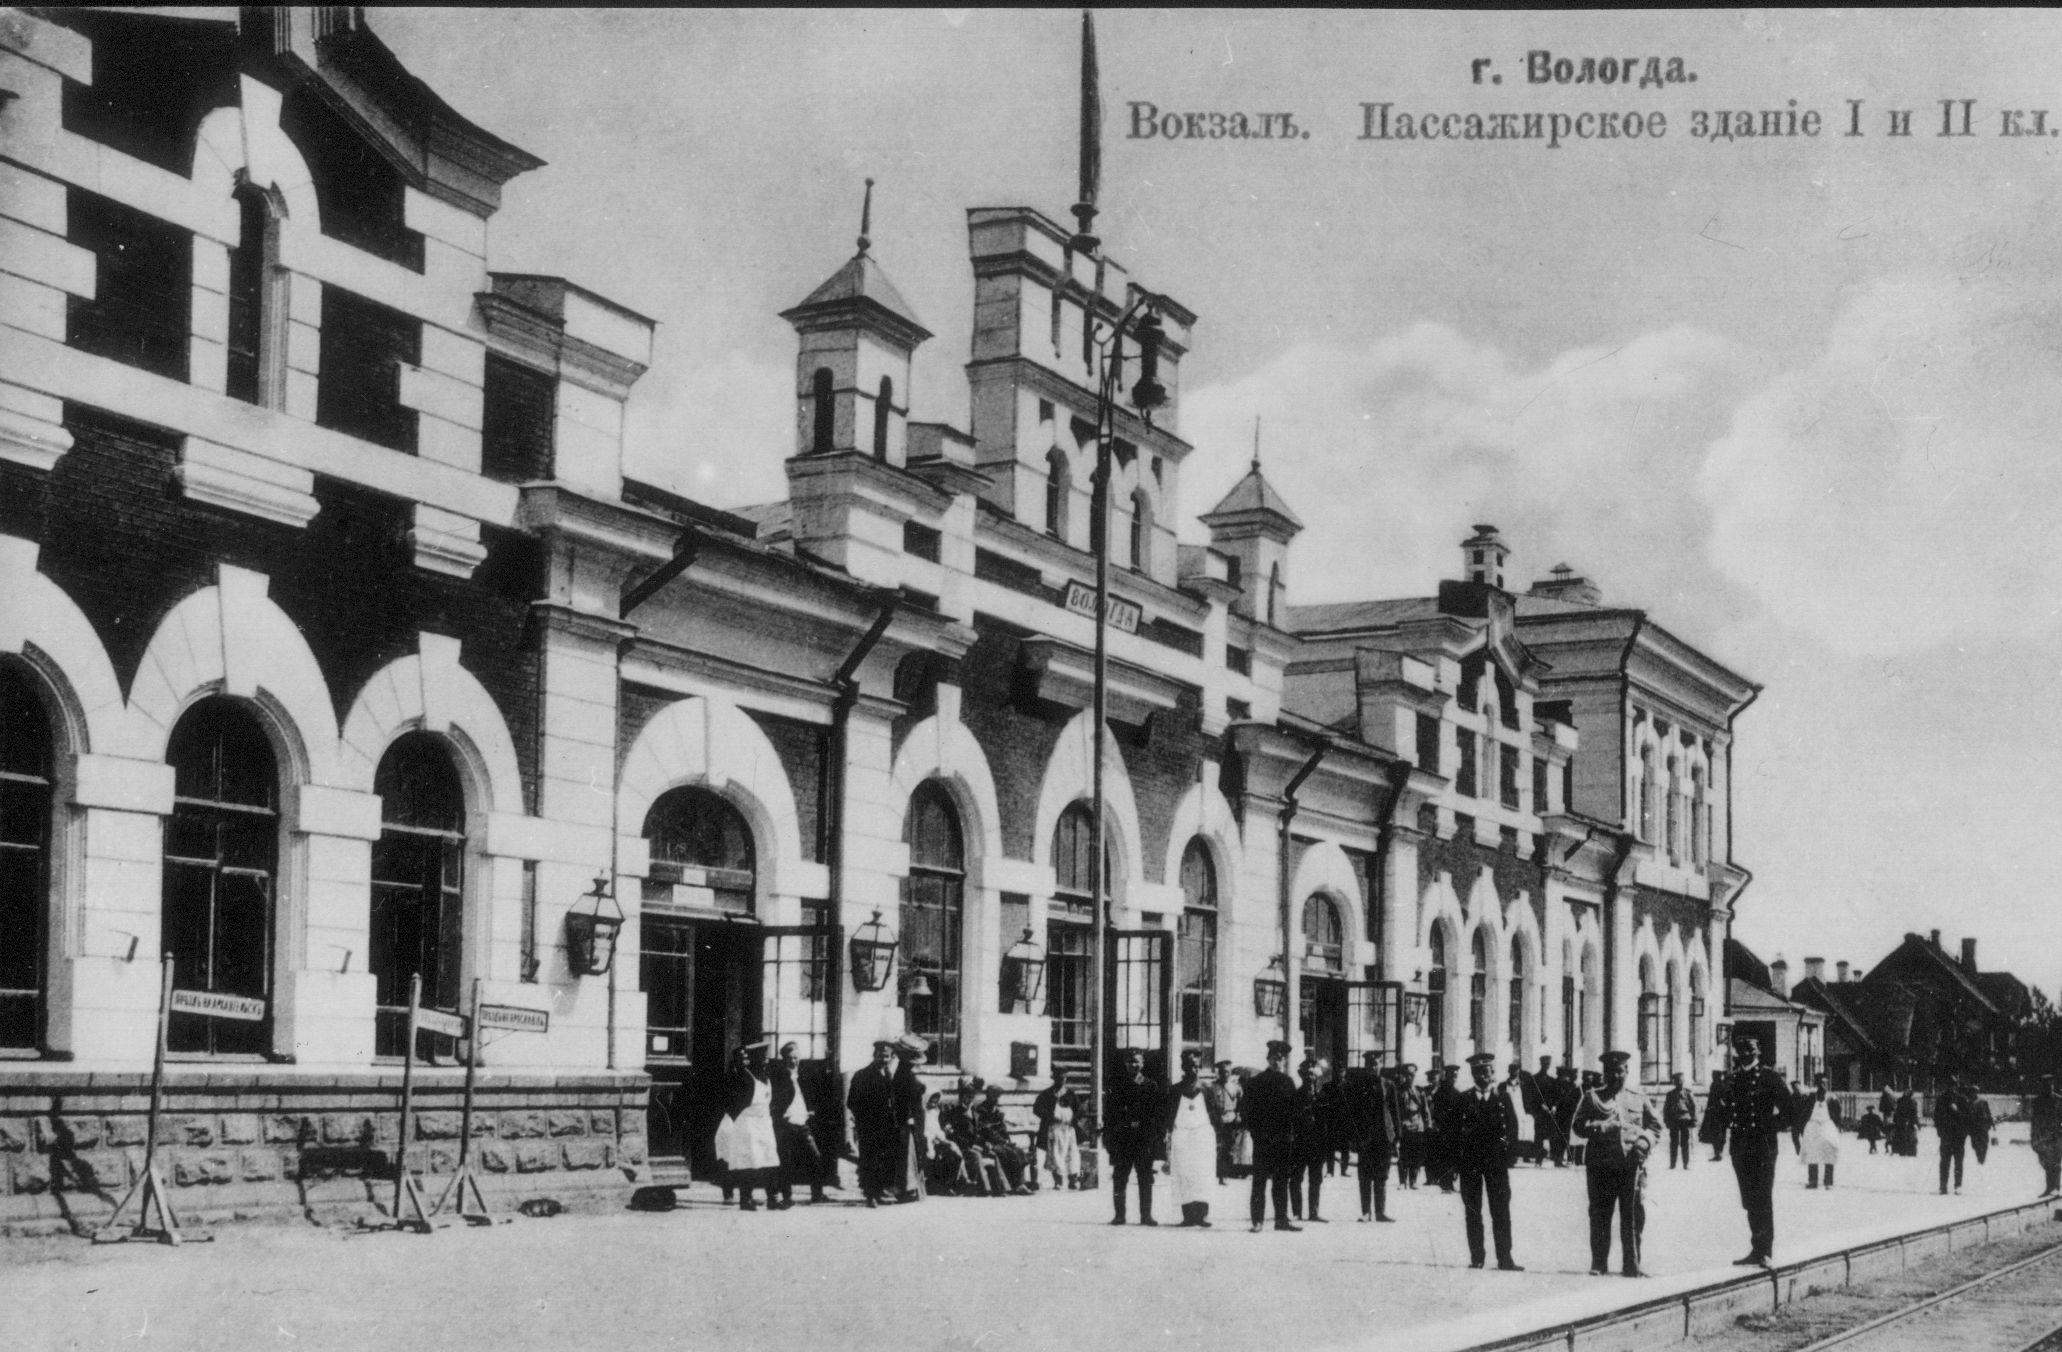 Вокзал. Пассажирское здание I и II классов